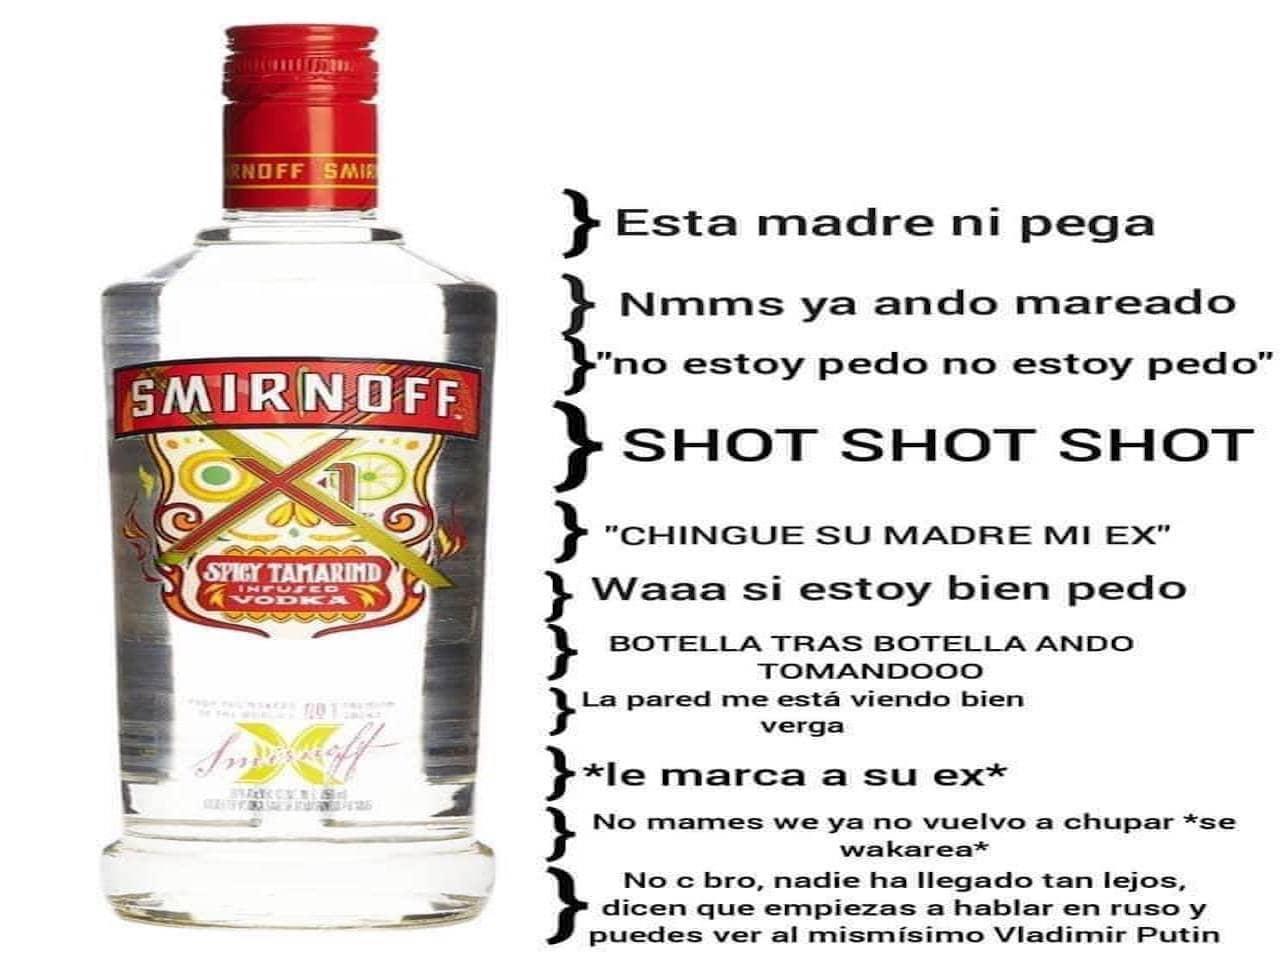 Meme de corchetes con Smirnoff de Tamarindo